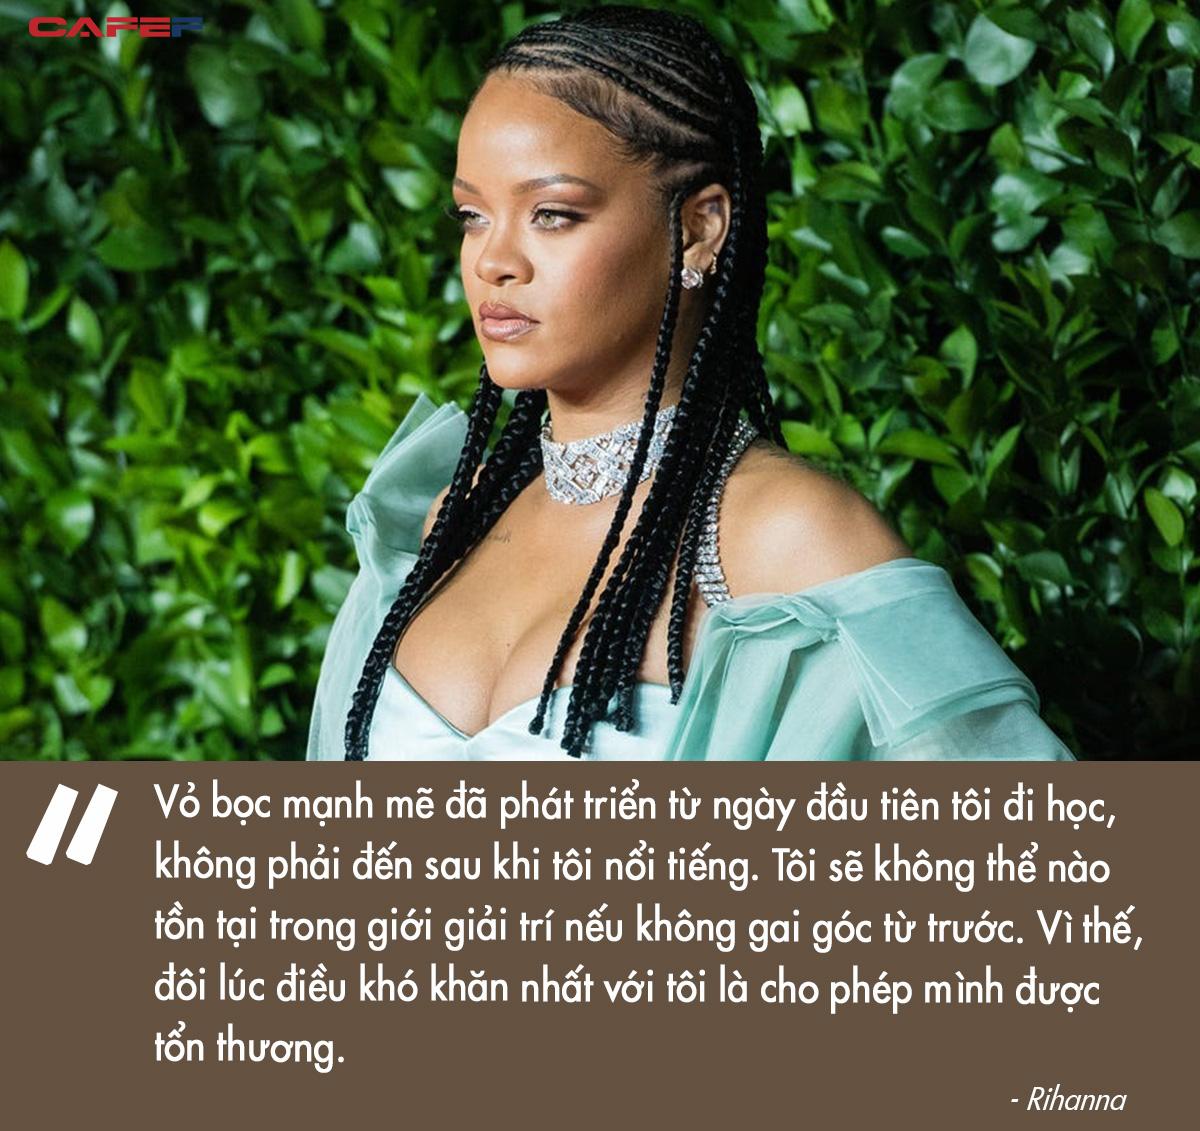 Tỷ phú đô la ở tuổi 33 - Rihanna: Tuổi thơ cùng cực, vụt sáng thành sao nhưng đi hát bao năm cũng không kiếm khủng bằng buôn mỹ phẩm, đồ lót và tậu bất động sản - Ảnh 3.